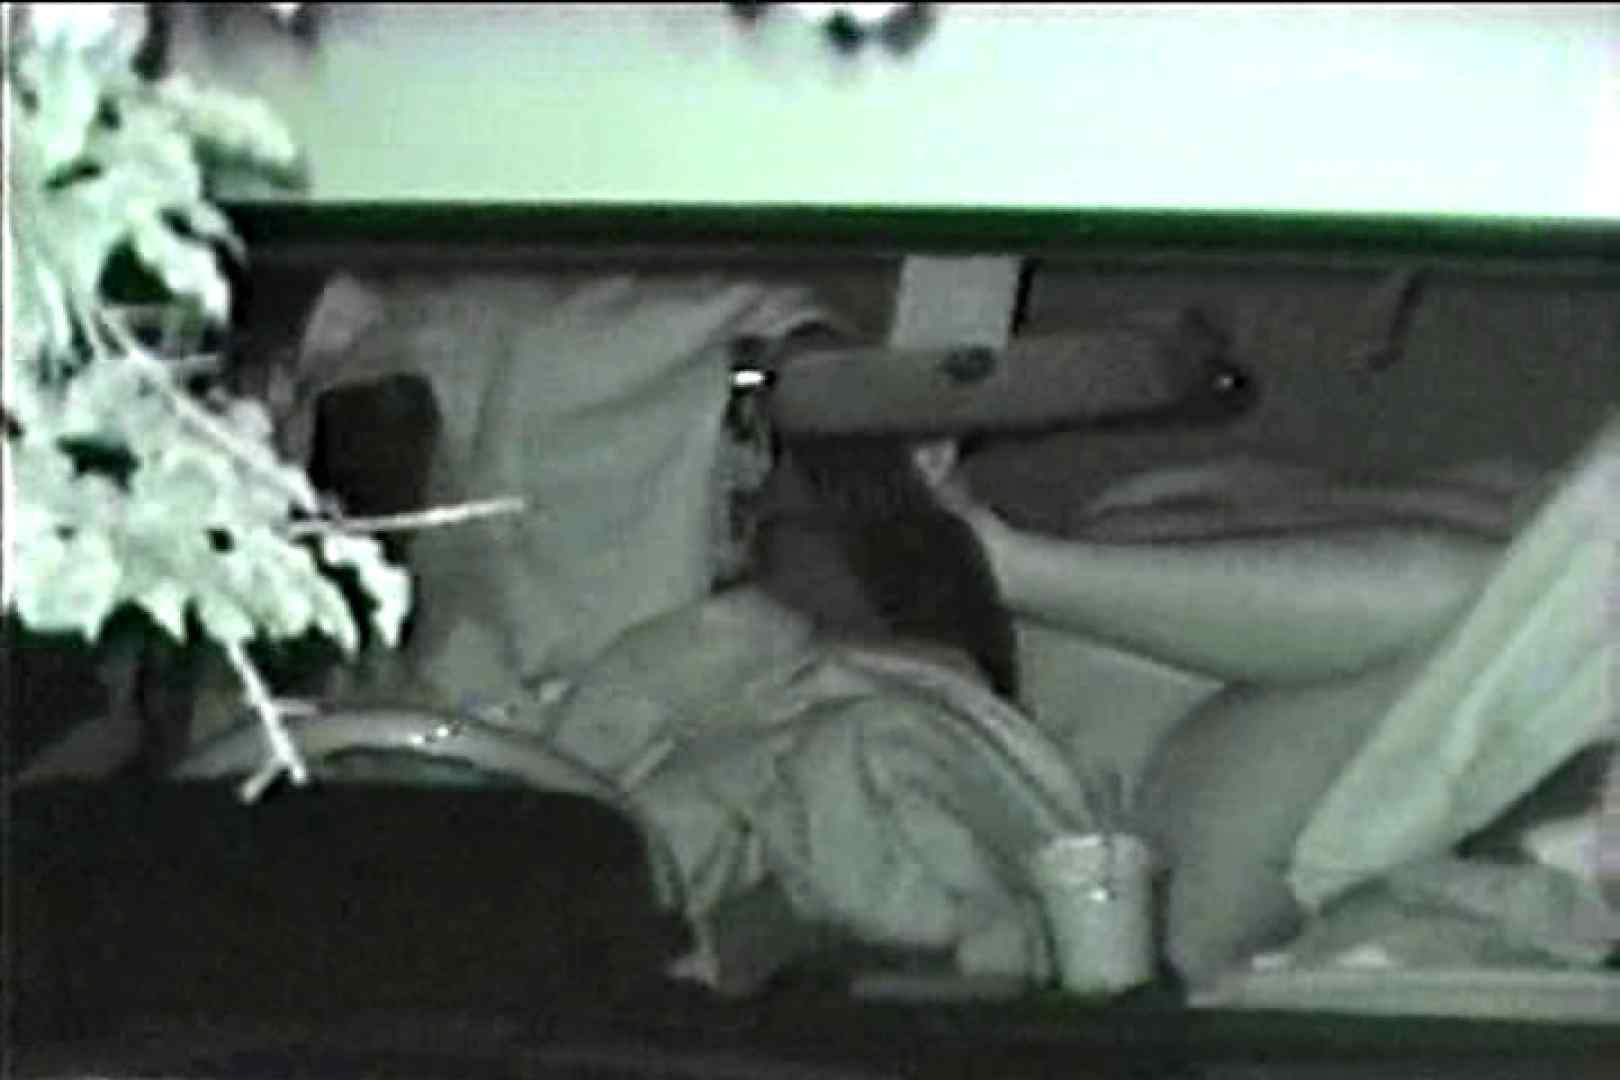 車の中はラブホテル 無修正版  Vol.7 ラブホテル SEX無修正画像 60連発 15